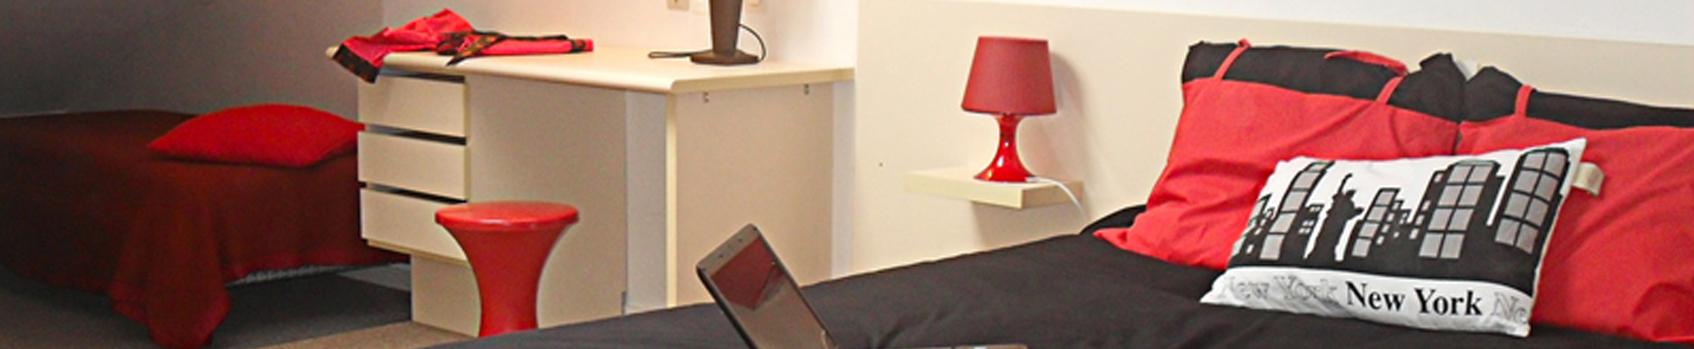 location-caen-hebergement-meuble-nuit-semaine